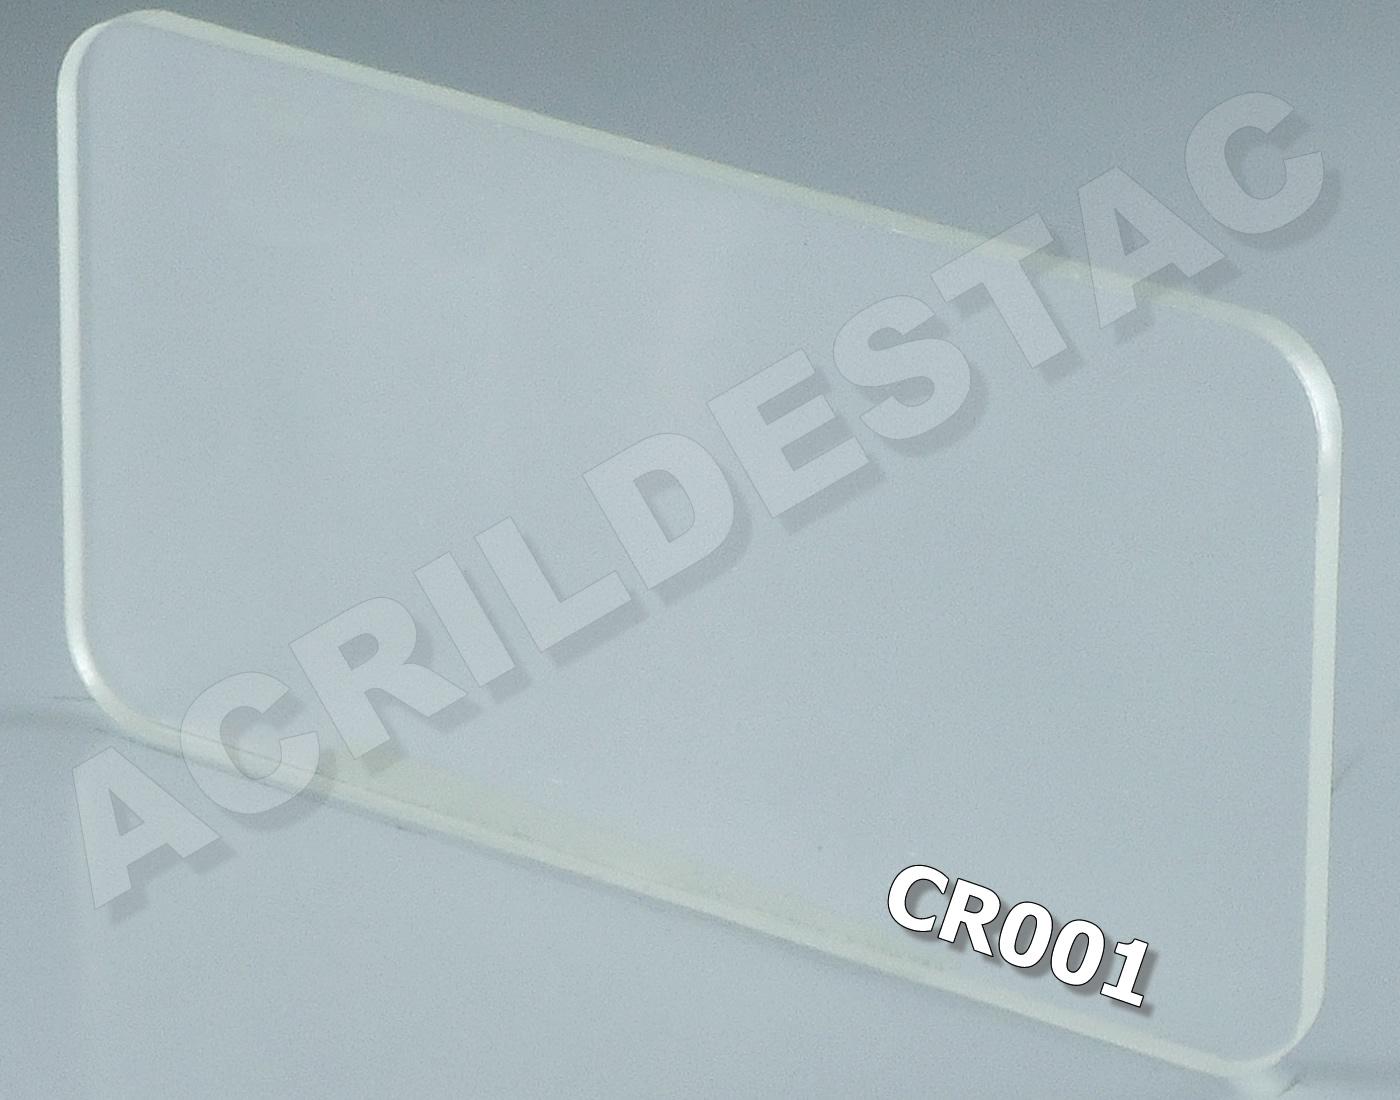 0.50 x 0.50 - 8mm - CRISTAL Transparente PL-CR001 -